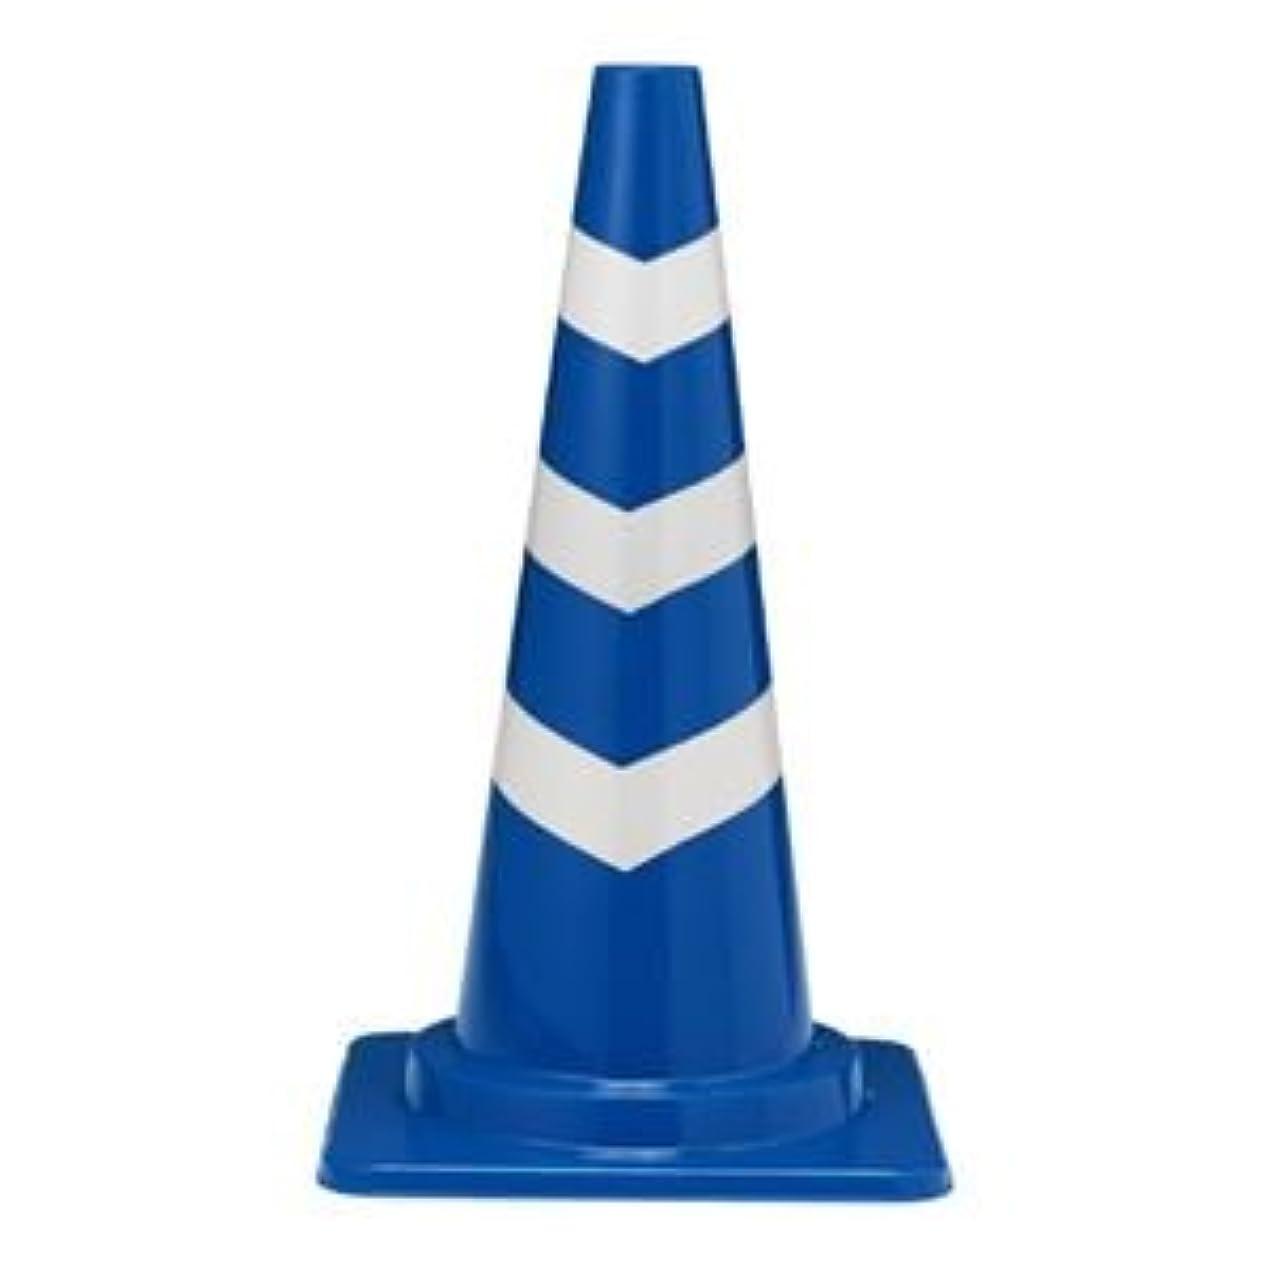 感染する高揚した硬化する三甲(サンコー) 三角コーン(パイロン/スコッチコーンM) φ40 反射テープ付き 軽量 ブルー(青)×白テープ巻